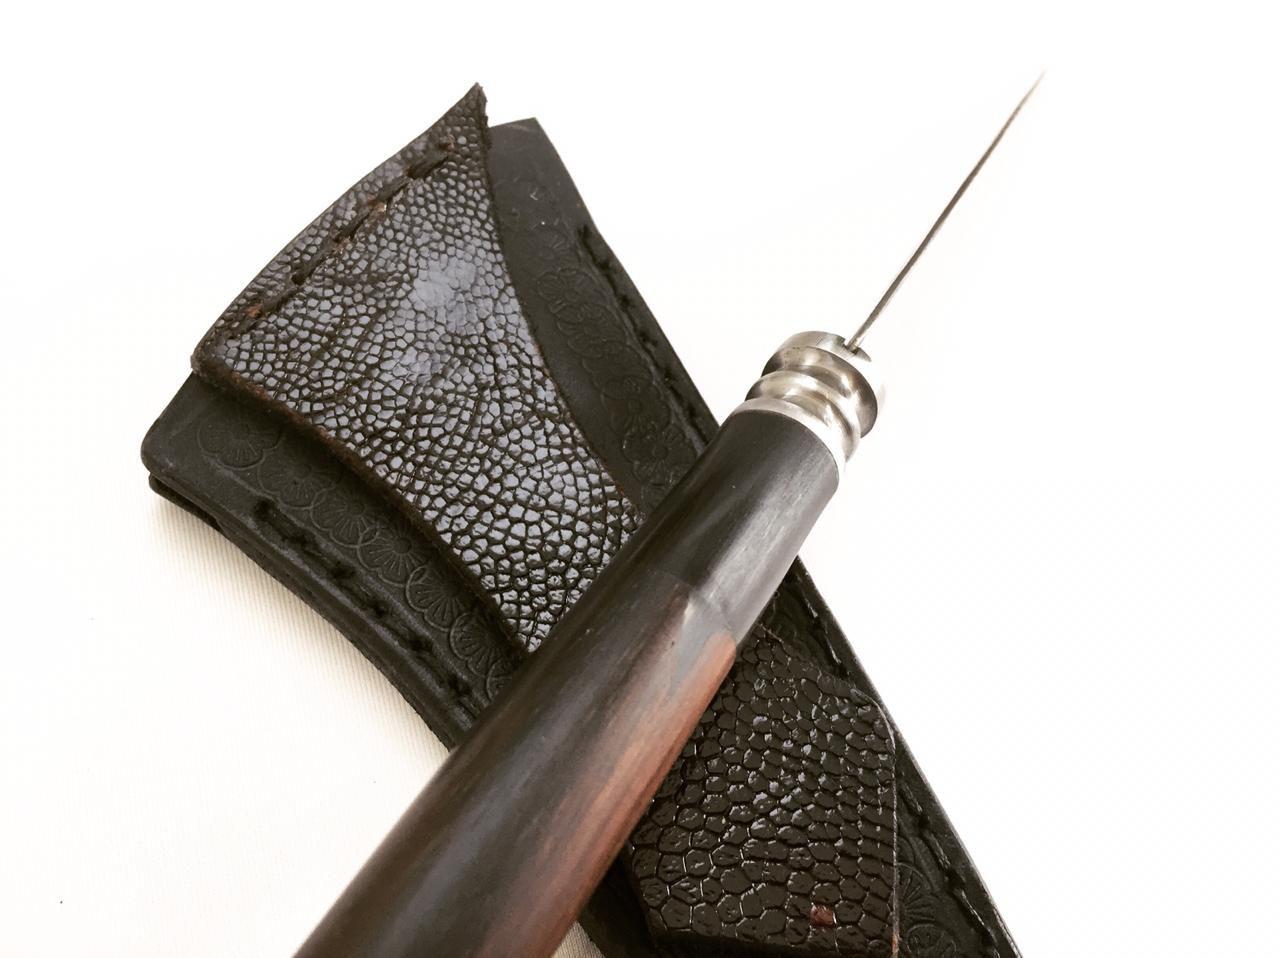 Faca artesanal tesoura de tosquia